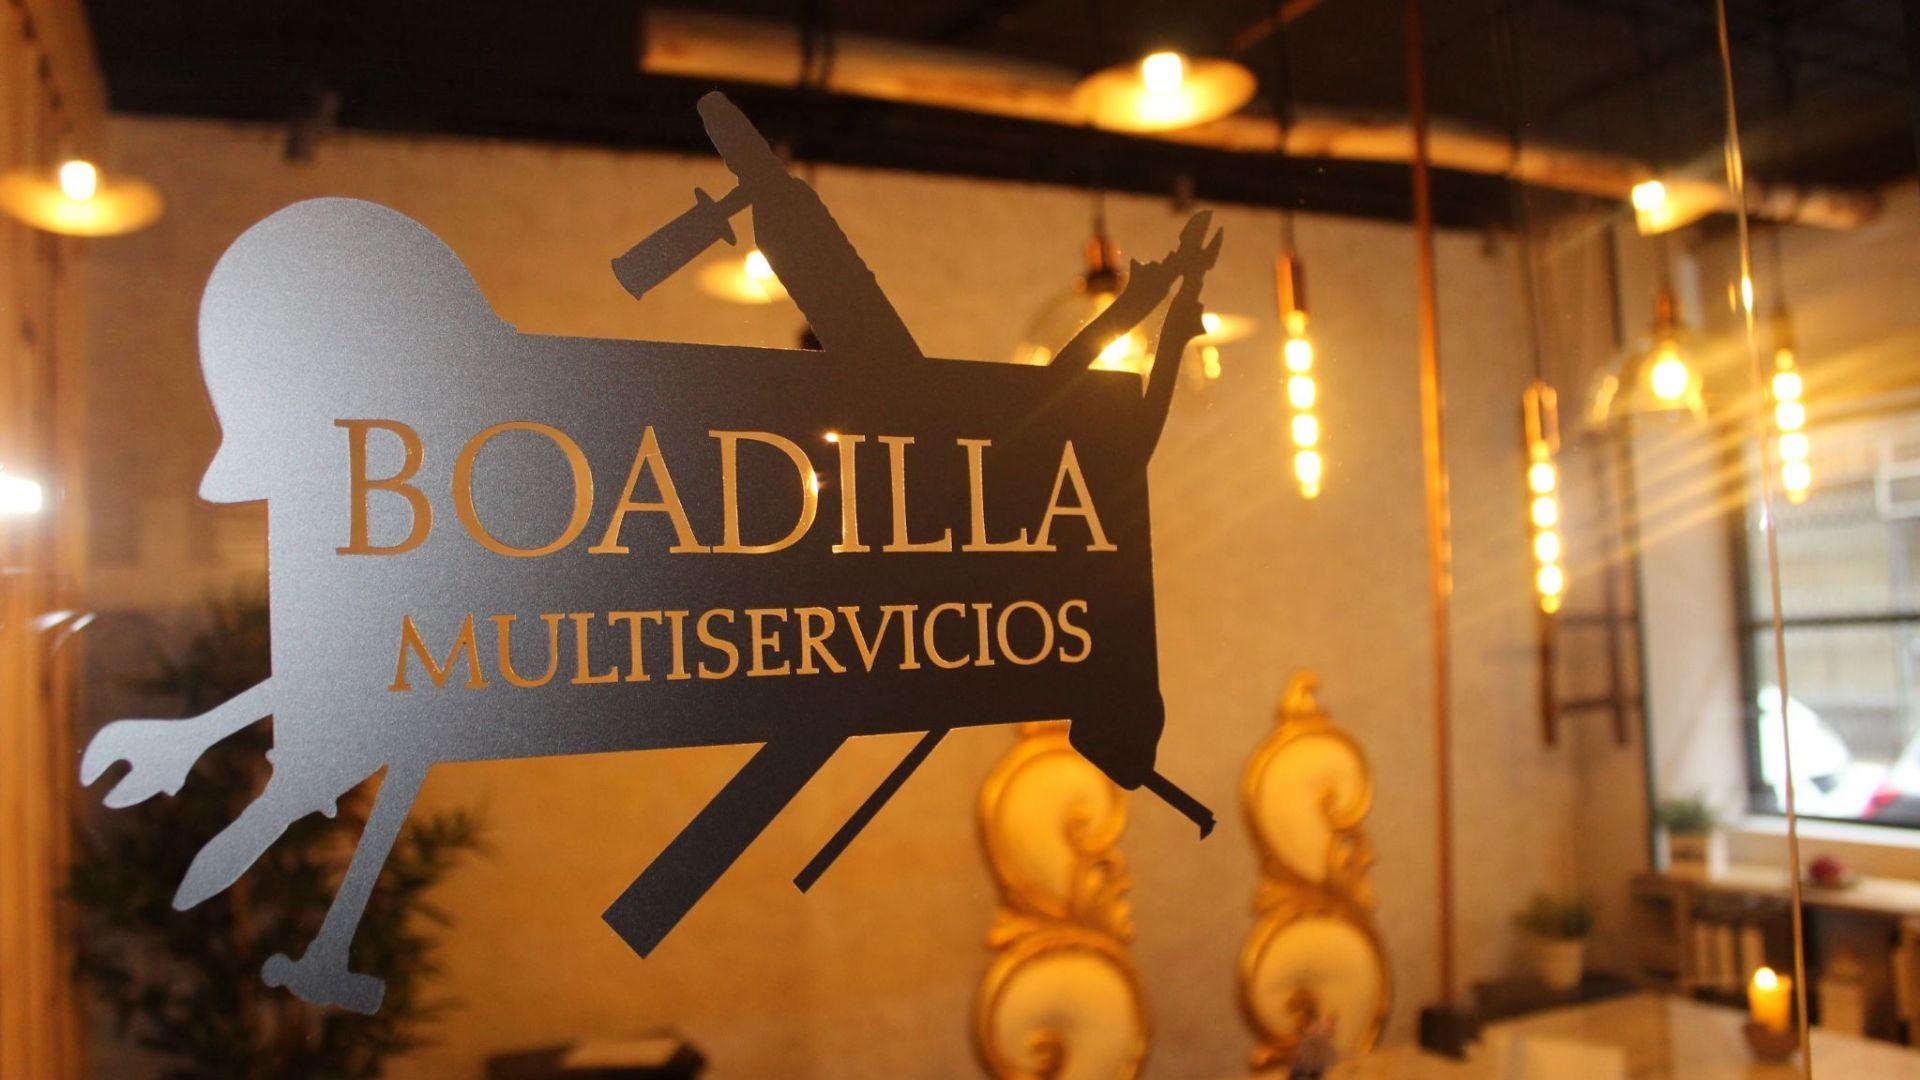 Albañilería y reformas en Boadilla del Monte Boadilla Multiservicios